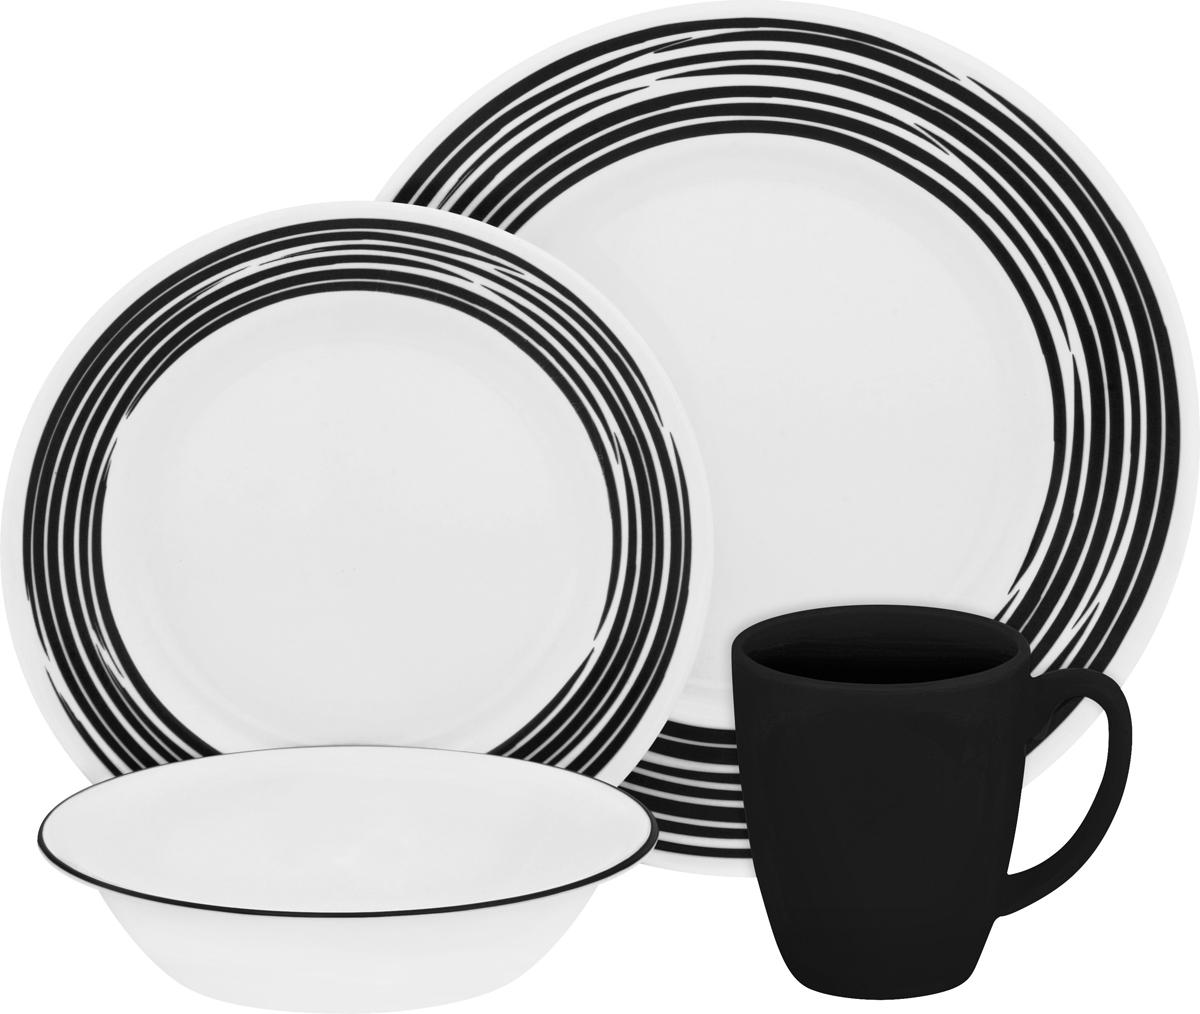 Набор посуды Corelle Brushed Black, цвет: белый, 16 предметов. 11170221117022Набор посуды Corelle Brushed Black воплощает изысканность тонкого фарфора, но остается верна знаменитой долговечности Corelle. Серия Corelle Brushed с необычным рисунком, словно художник прикоснулся кистью к тарелкам. Посуду можно мыть в посудомоечной машине и использовать в духовке и микроволновой печи. Набор посуды Brushed Black состоит из:-обеденная тарелка, 27 см - 4 шт;-десертная тарелка, 22 см - 4 шт;-суповая тарелка, 530 мл - 4 шт;-фарфоровая кружка, 330 мл - 4 шт.